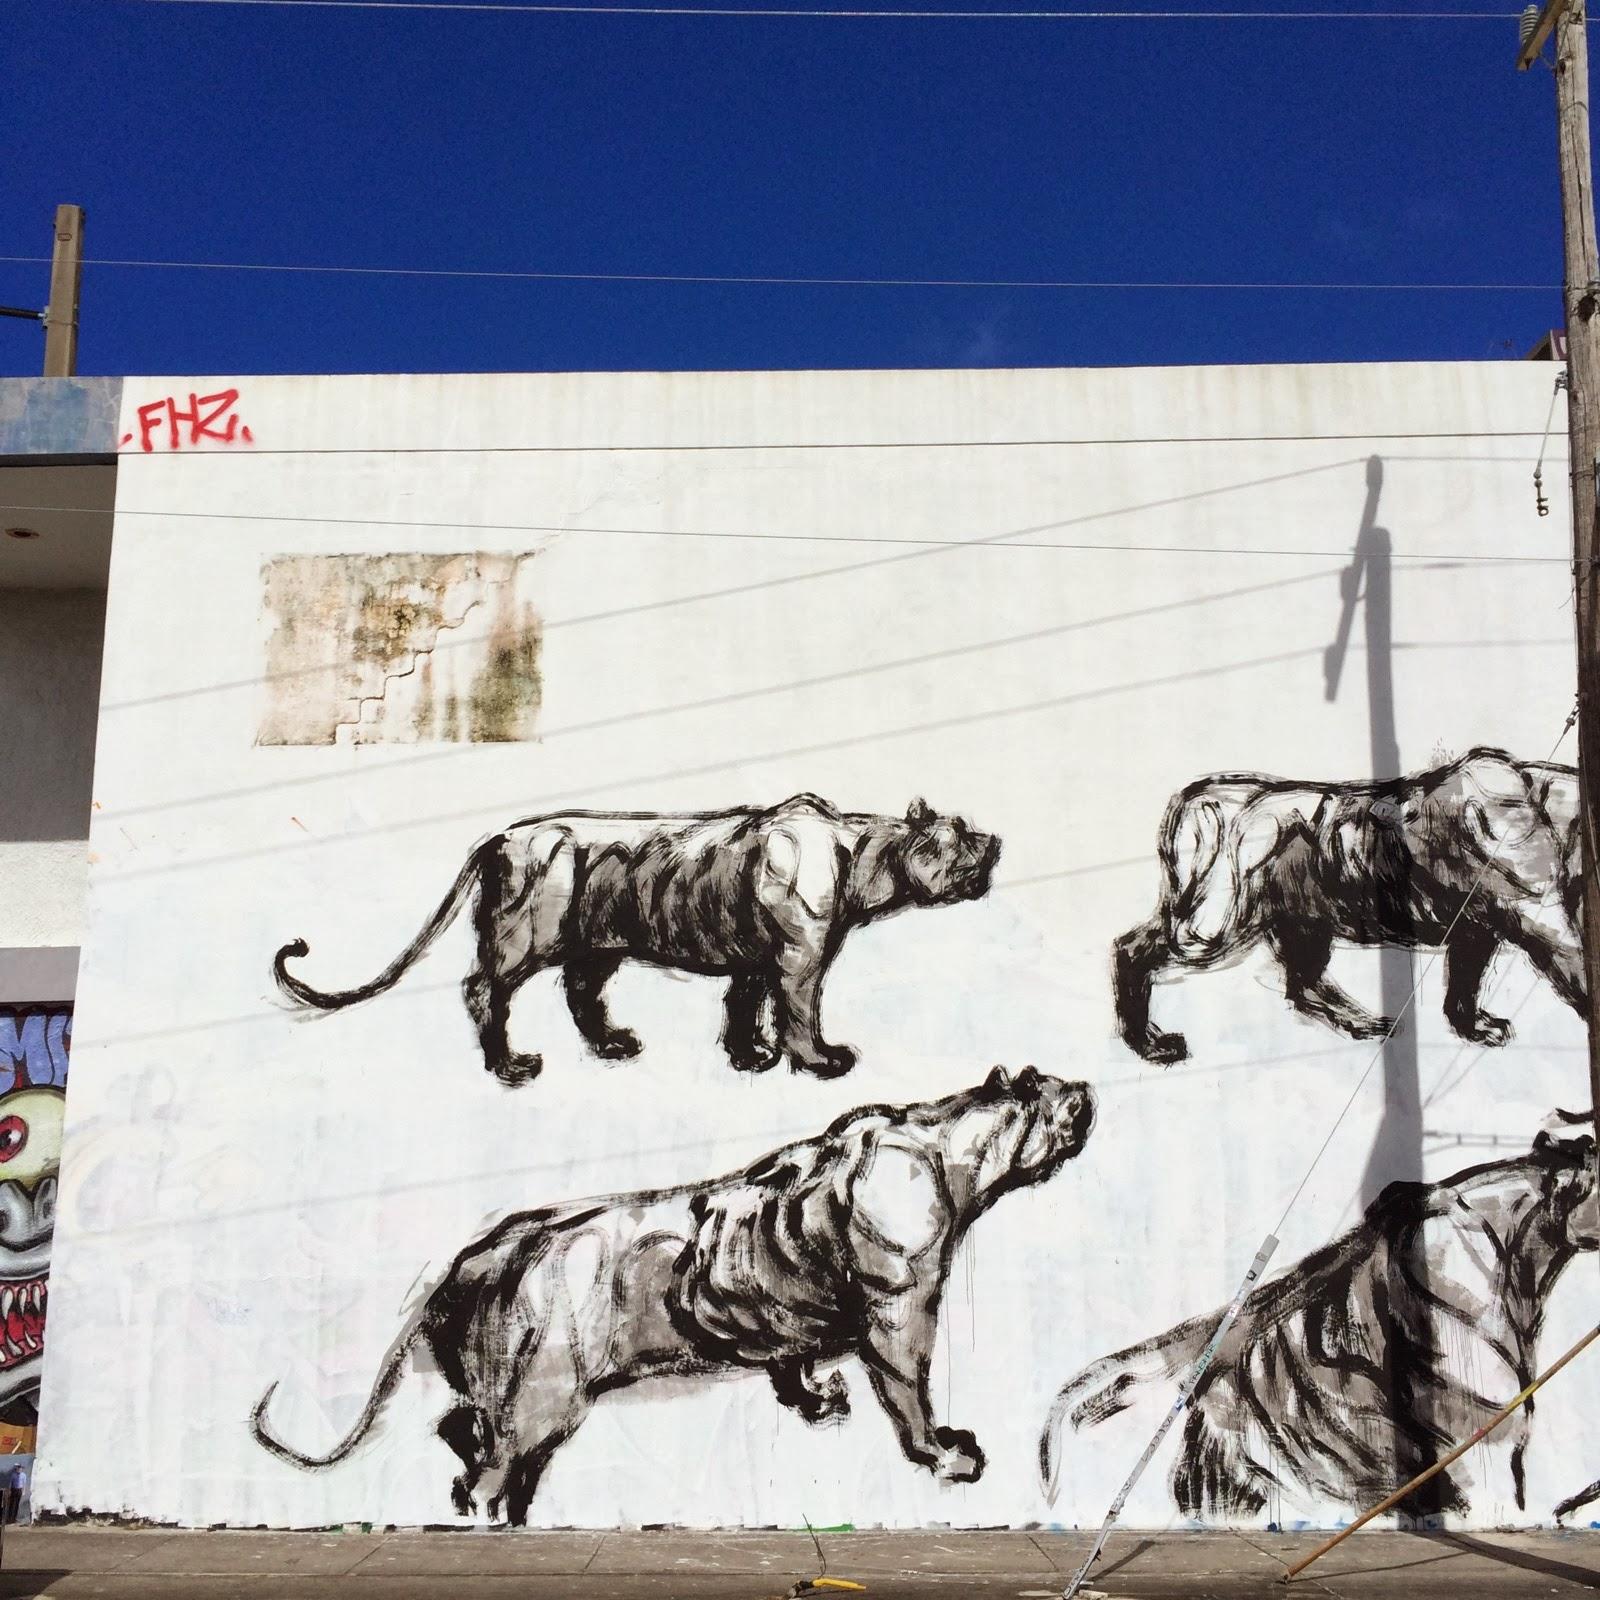 jaz-miami-new-mural-for-art-basel-2013-05